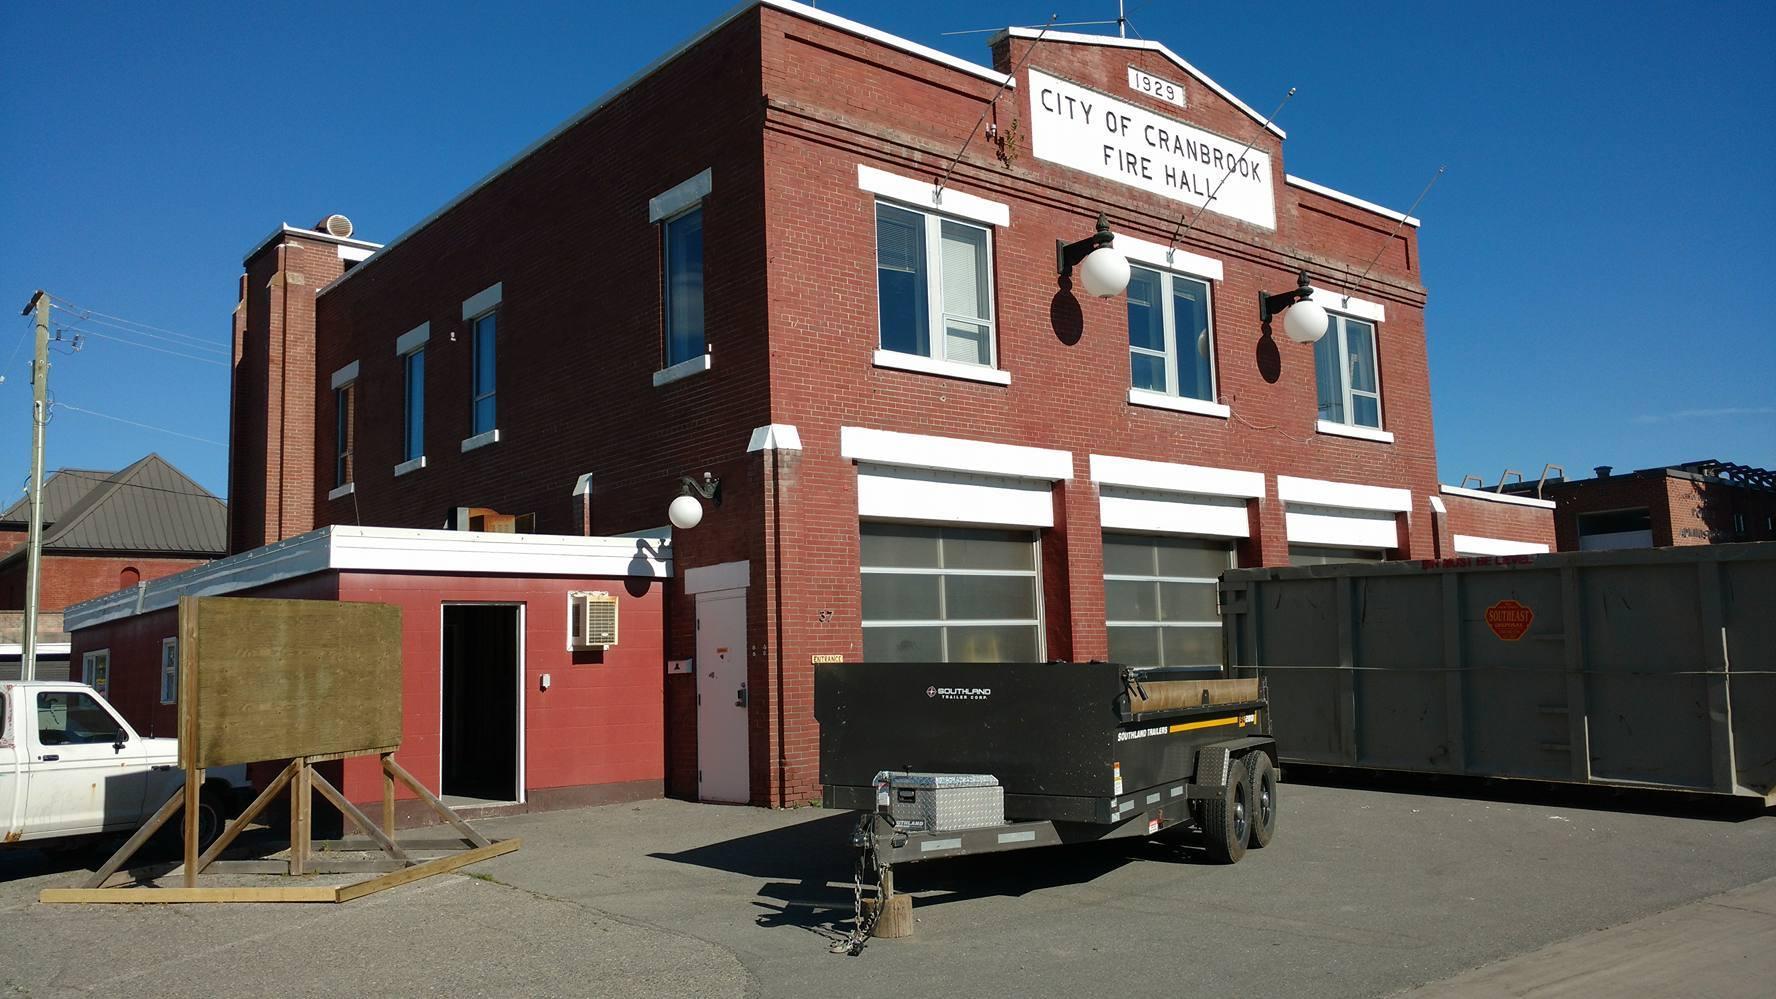 Cranbrook Fire Hall renovations uncovering hidden treasures